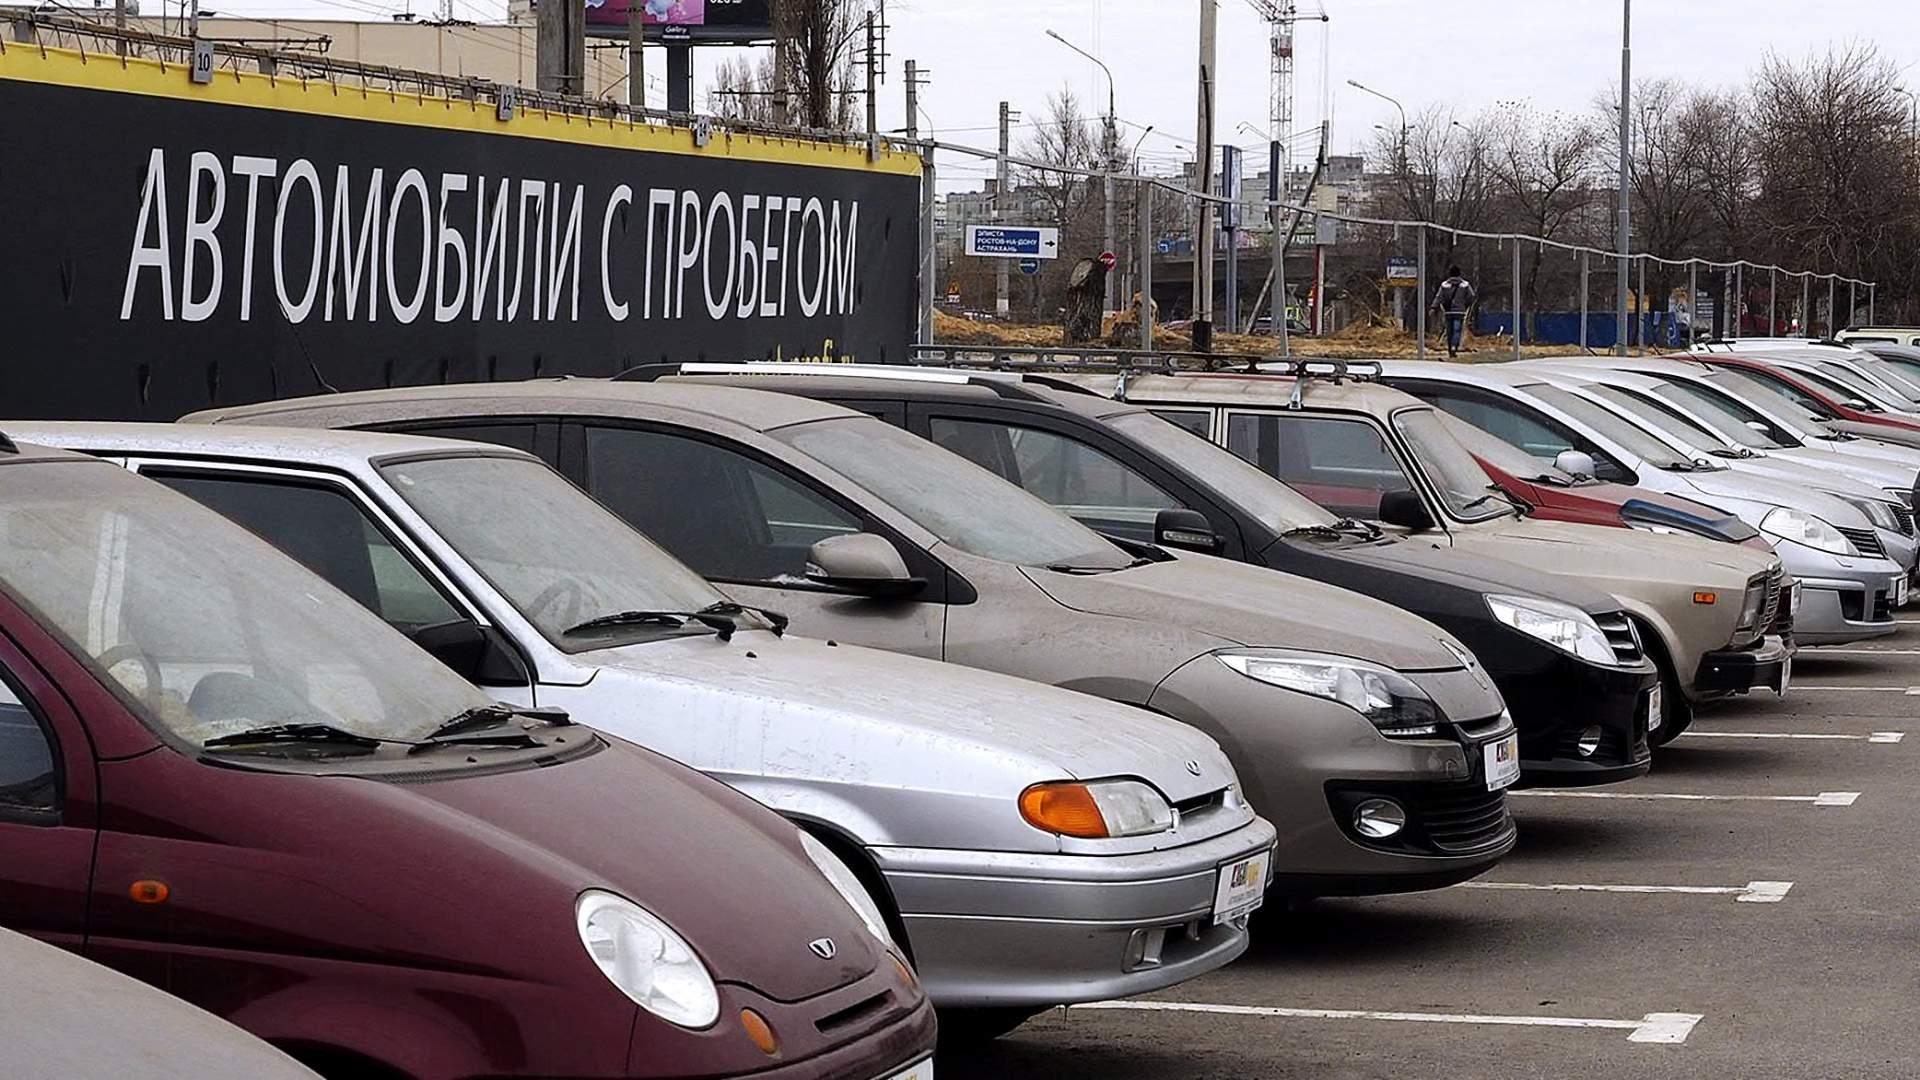 ВНижнем Новгороде пробег машин скручивают всреднем на50 000км